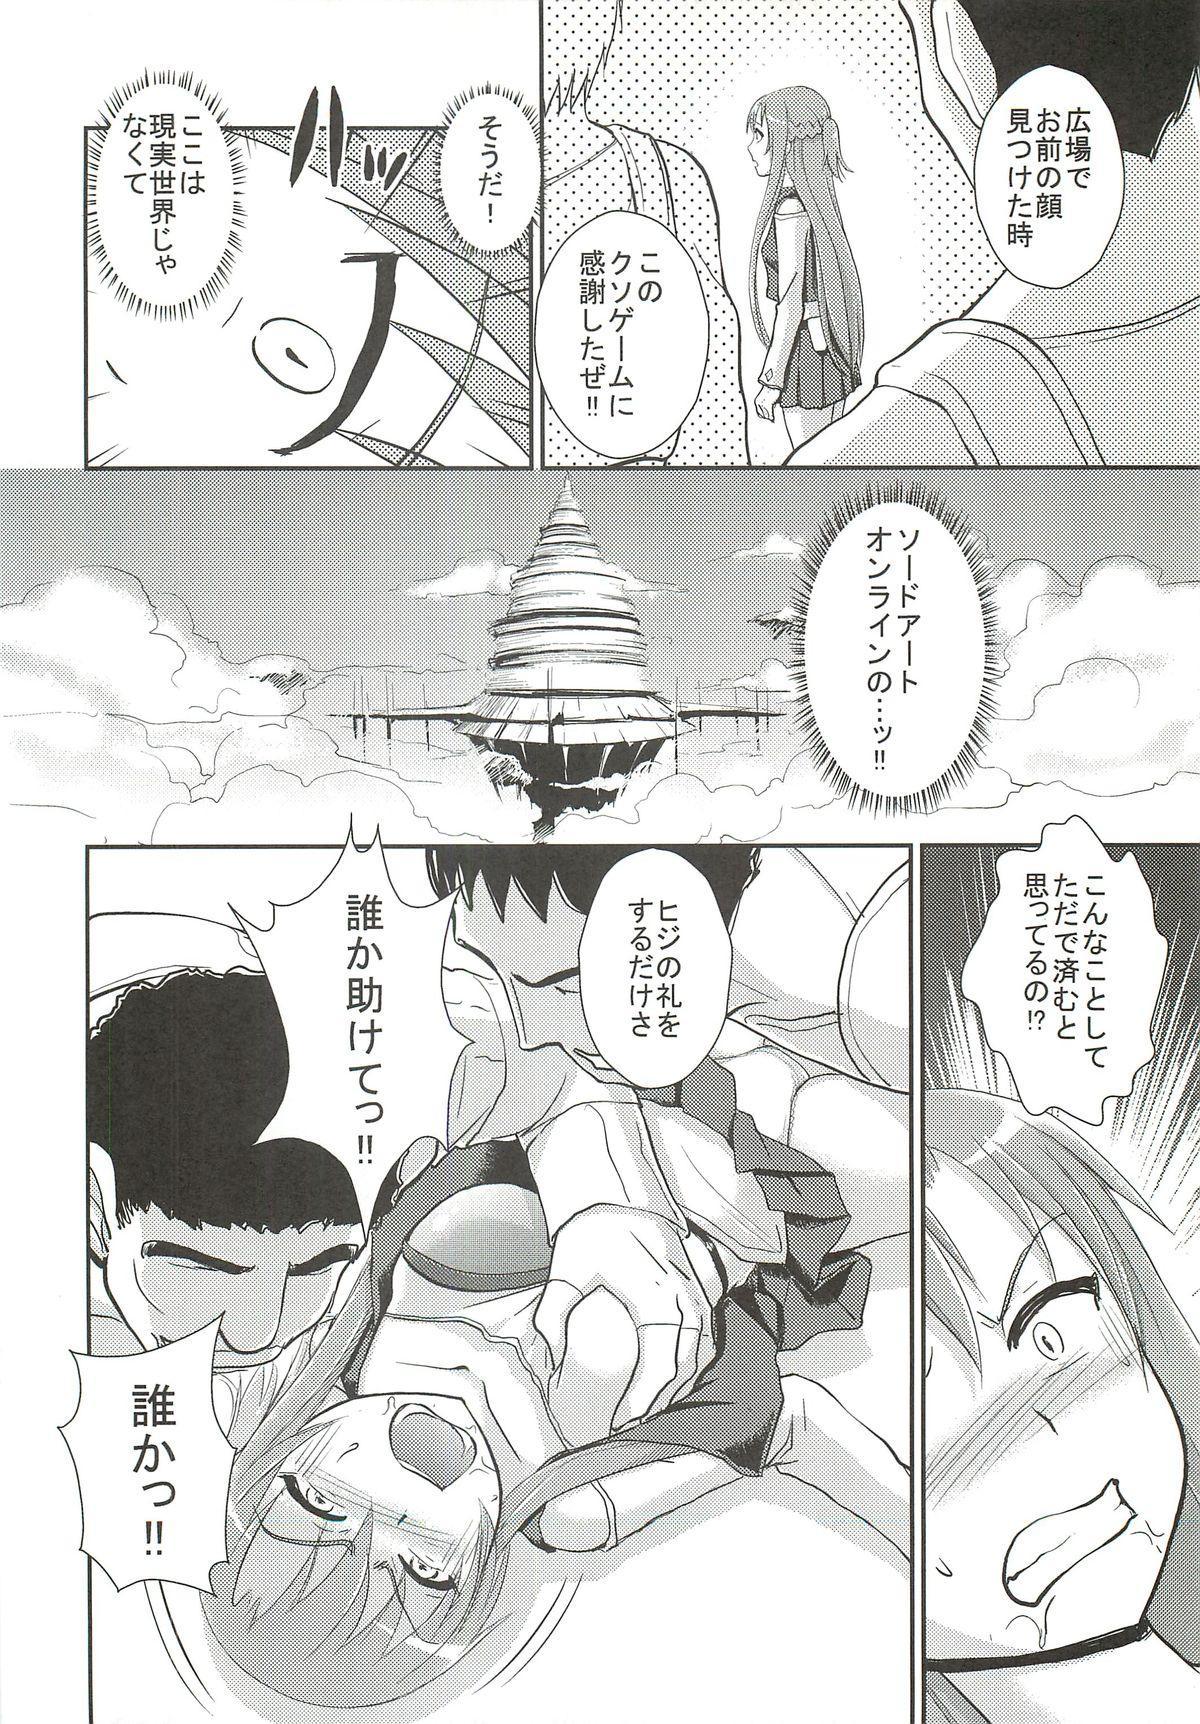 Hajimari no Machi 6